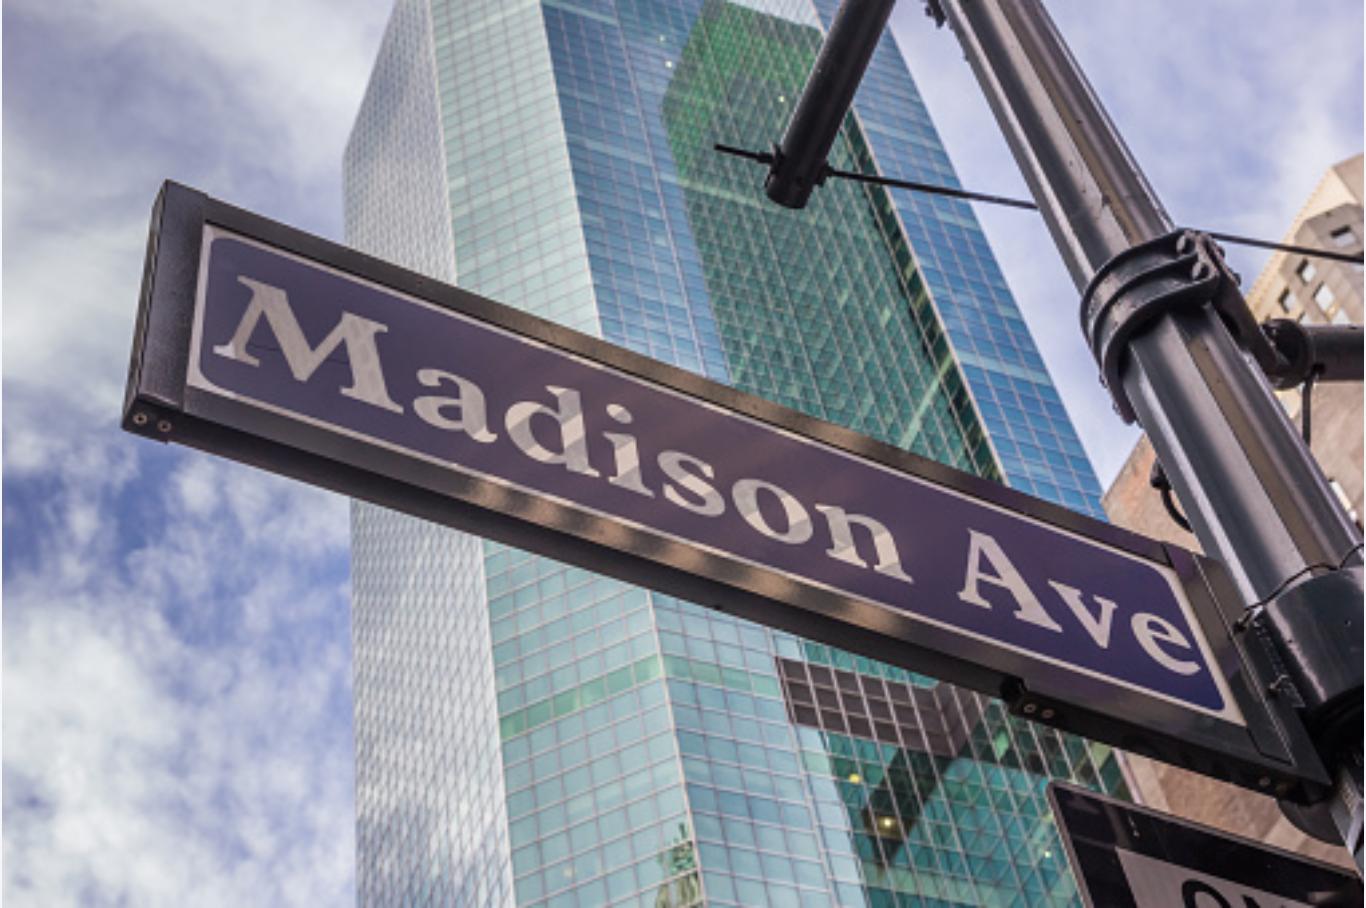 纽约麦迪逊大道租金水平持续下滑,第三季度下滑17%